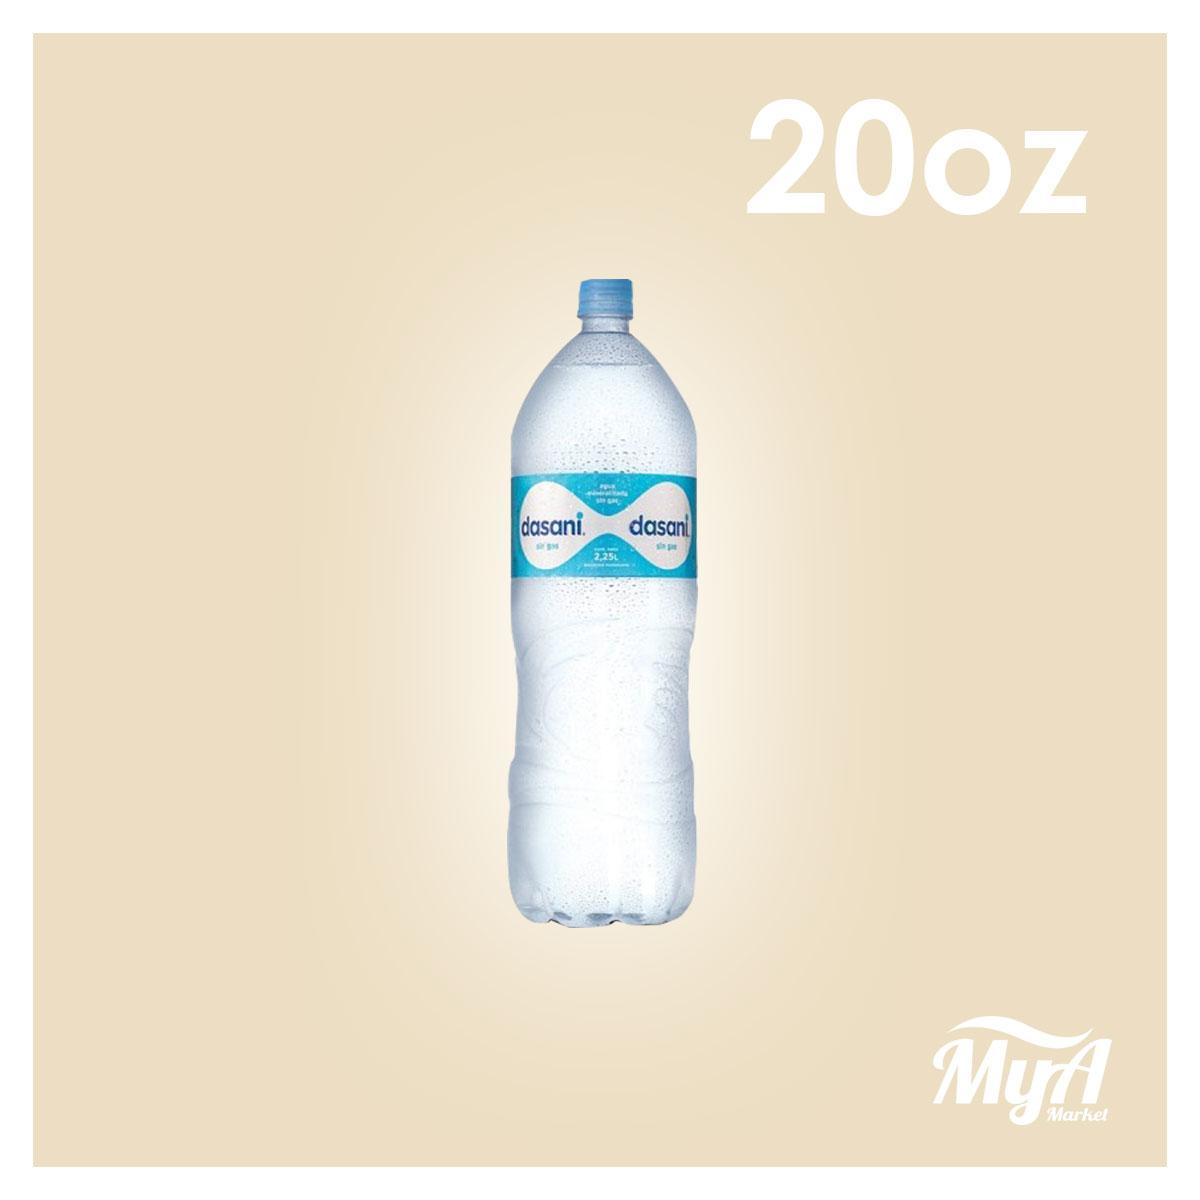 Agua Dasani 20 oz